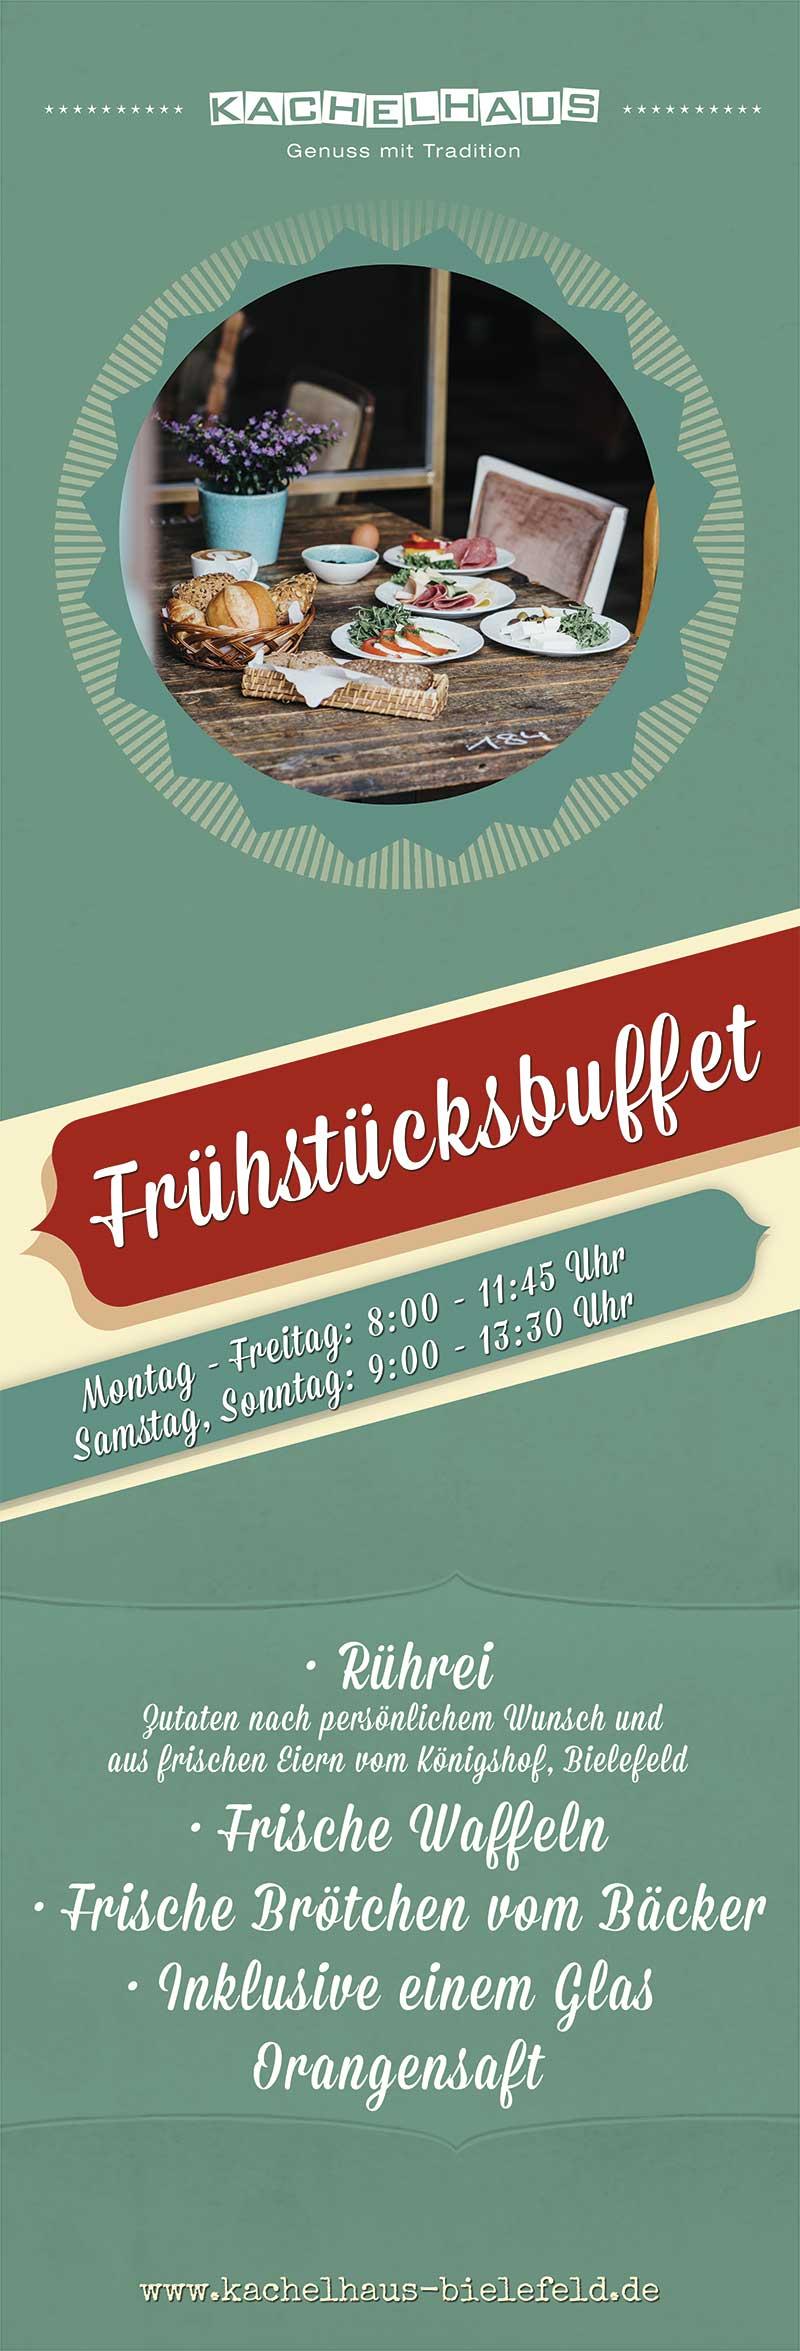 fruehstuecksbuffet taeglich Kachelhaus Bielefeld